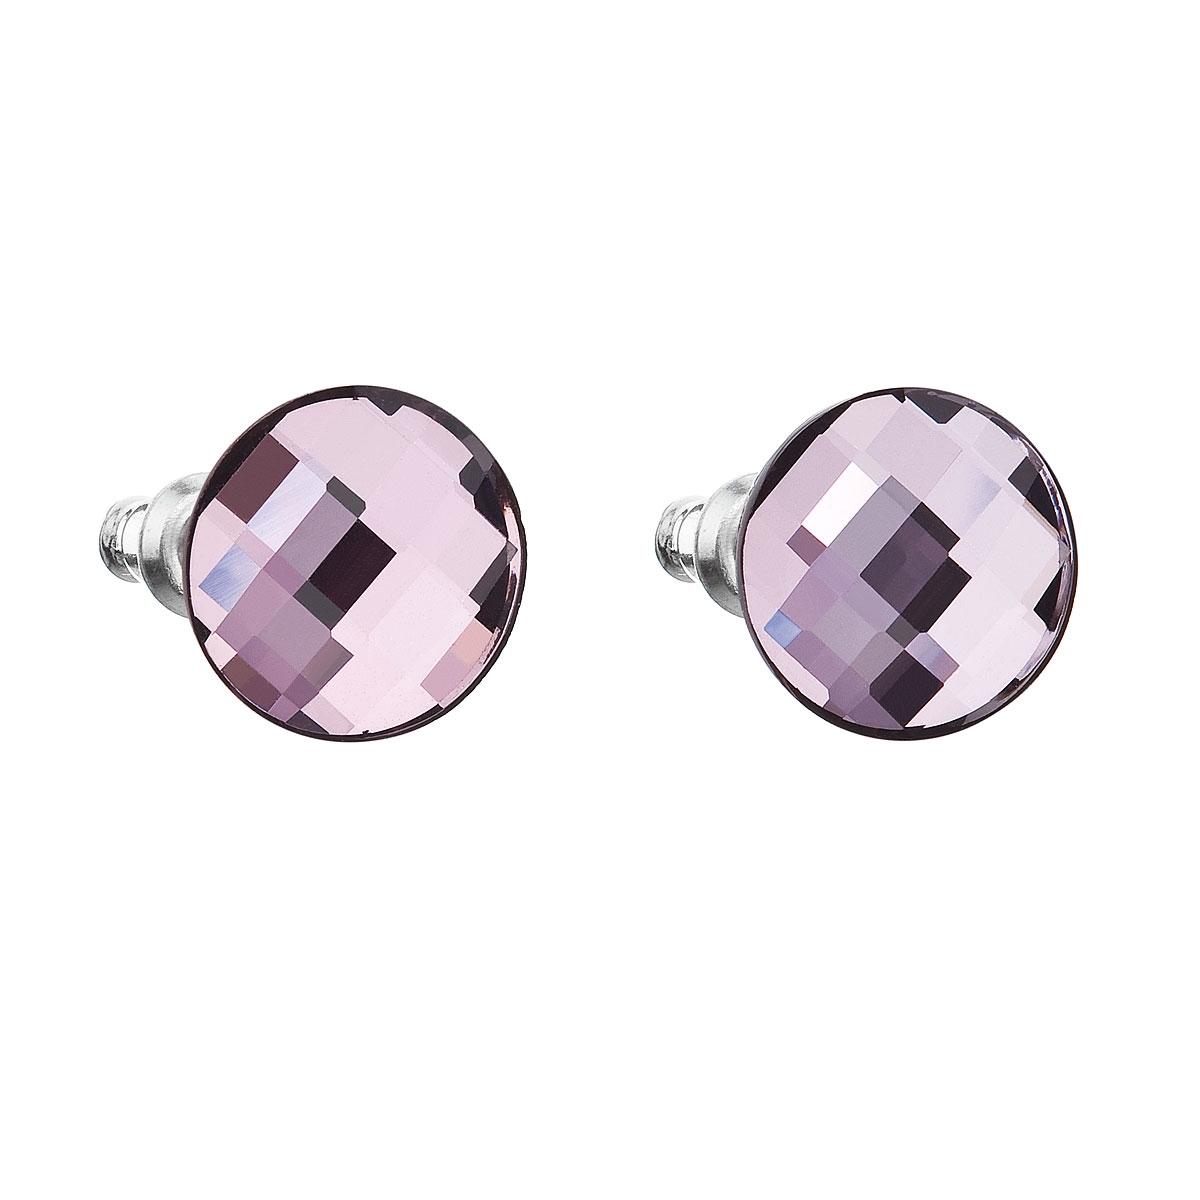 Skrutkovacie náušnice s kryštálmi Crystals from Swarovski ®, Chessboard Lilac Shadow